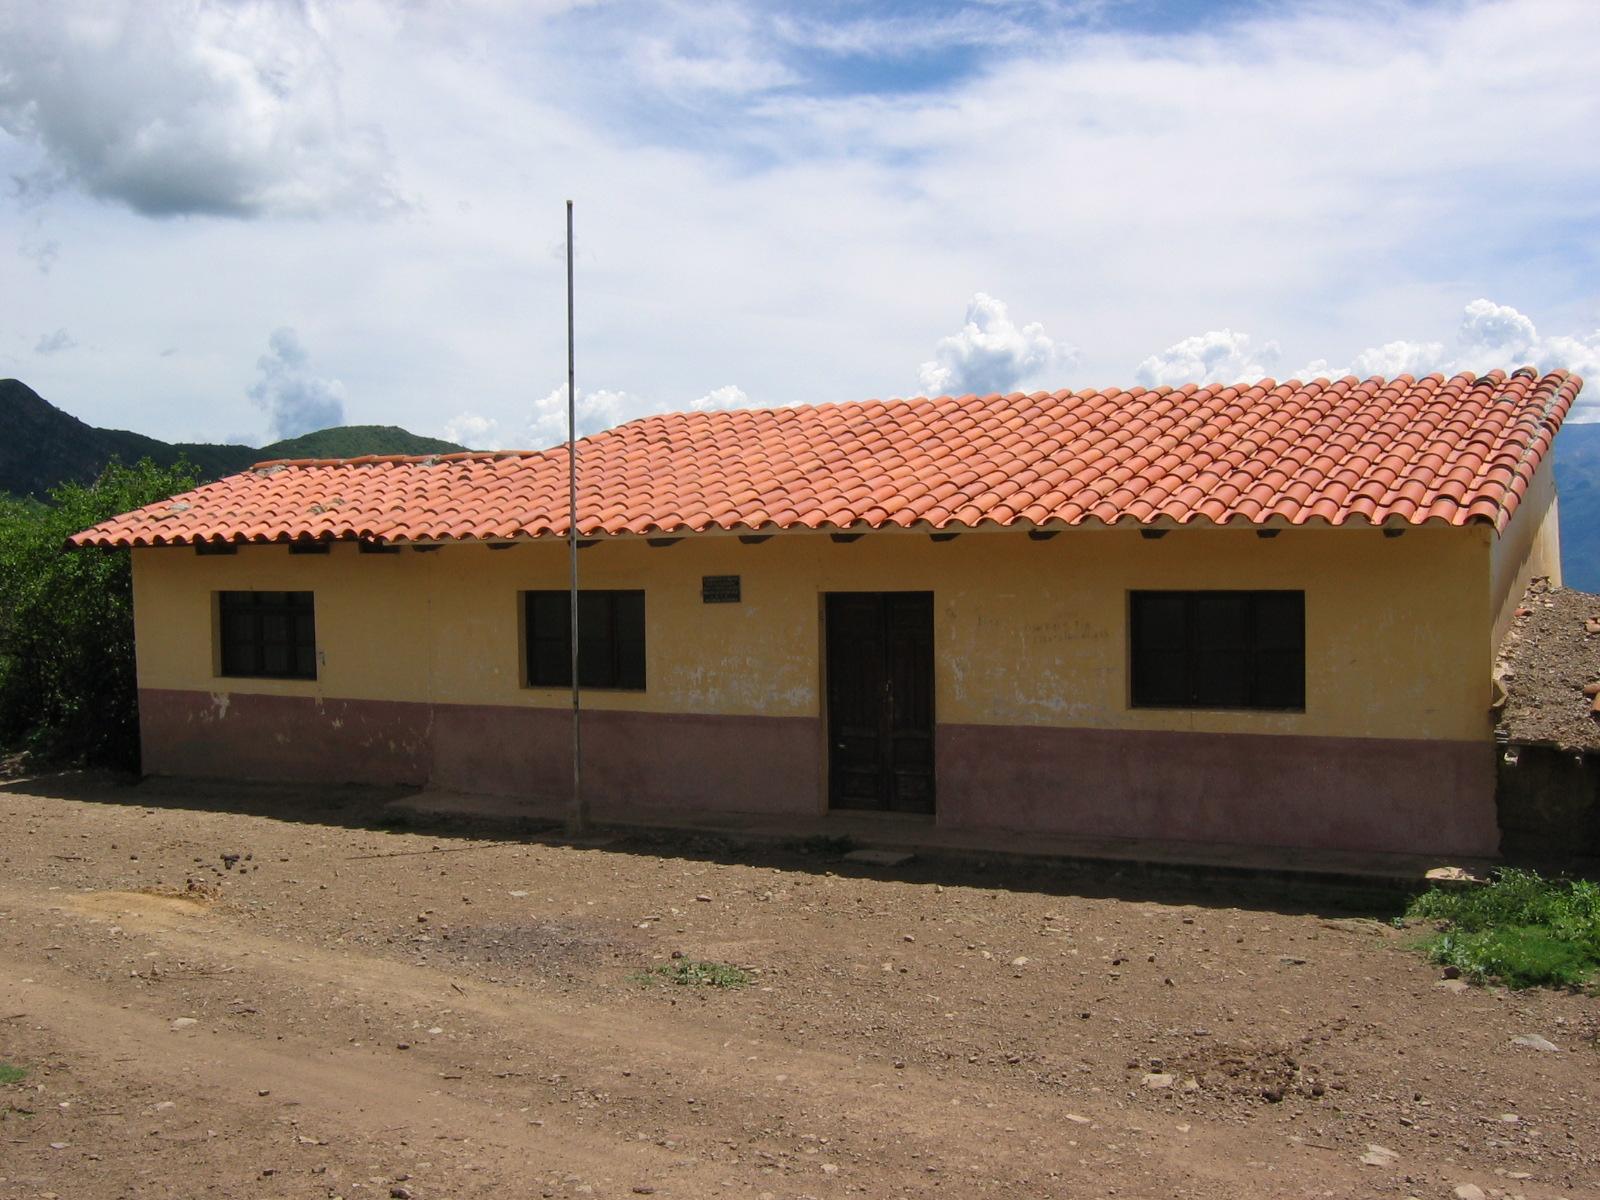 Escuela de La Higuera, donde estuvo prisionero y murió el CheGuevara.